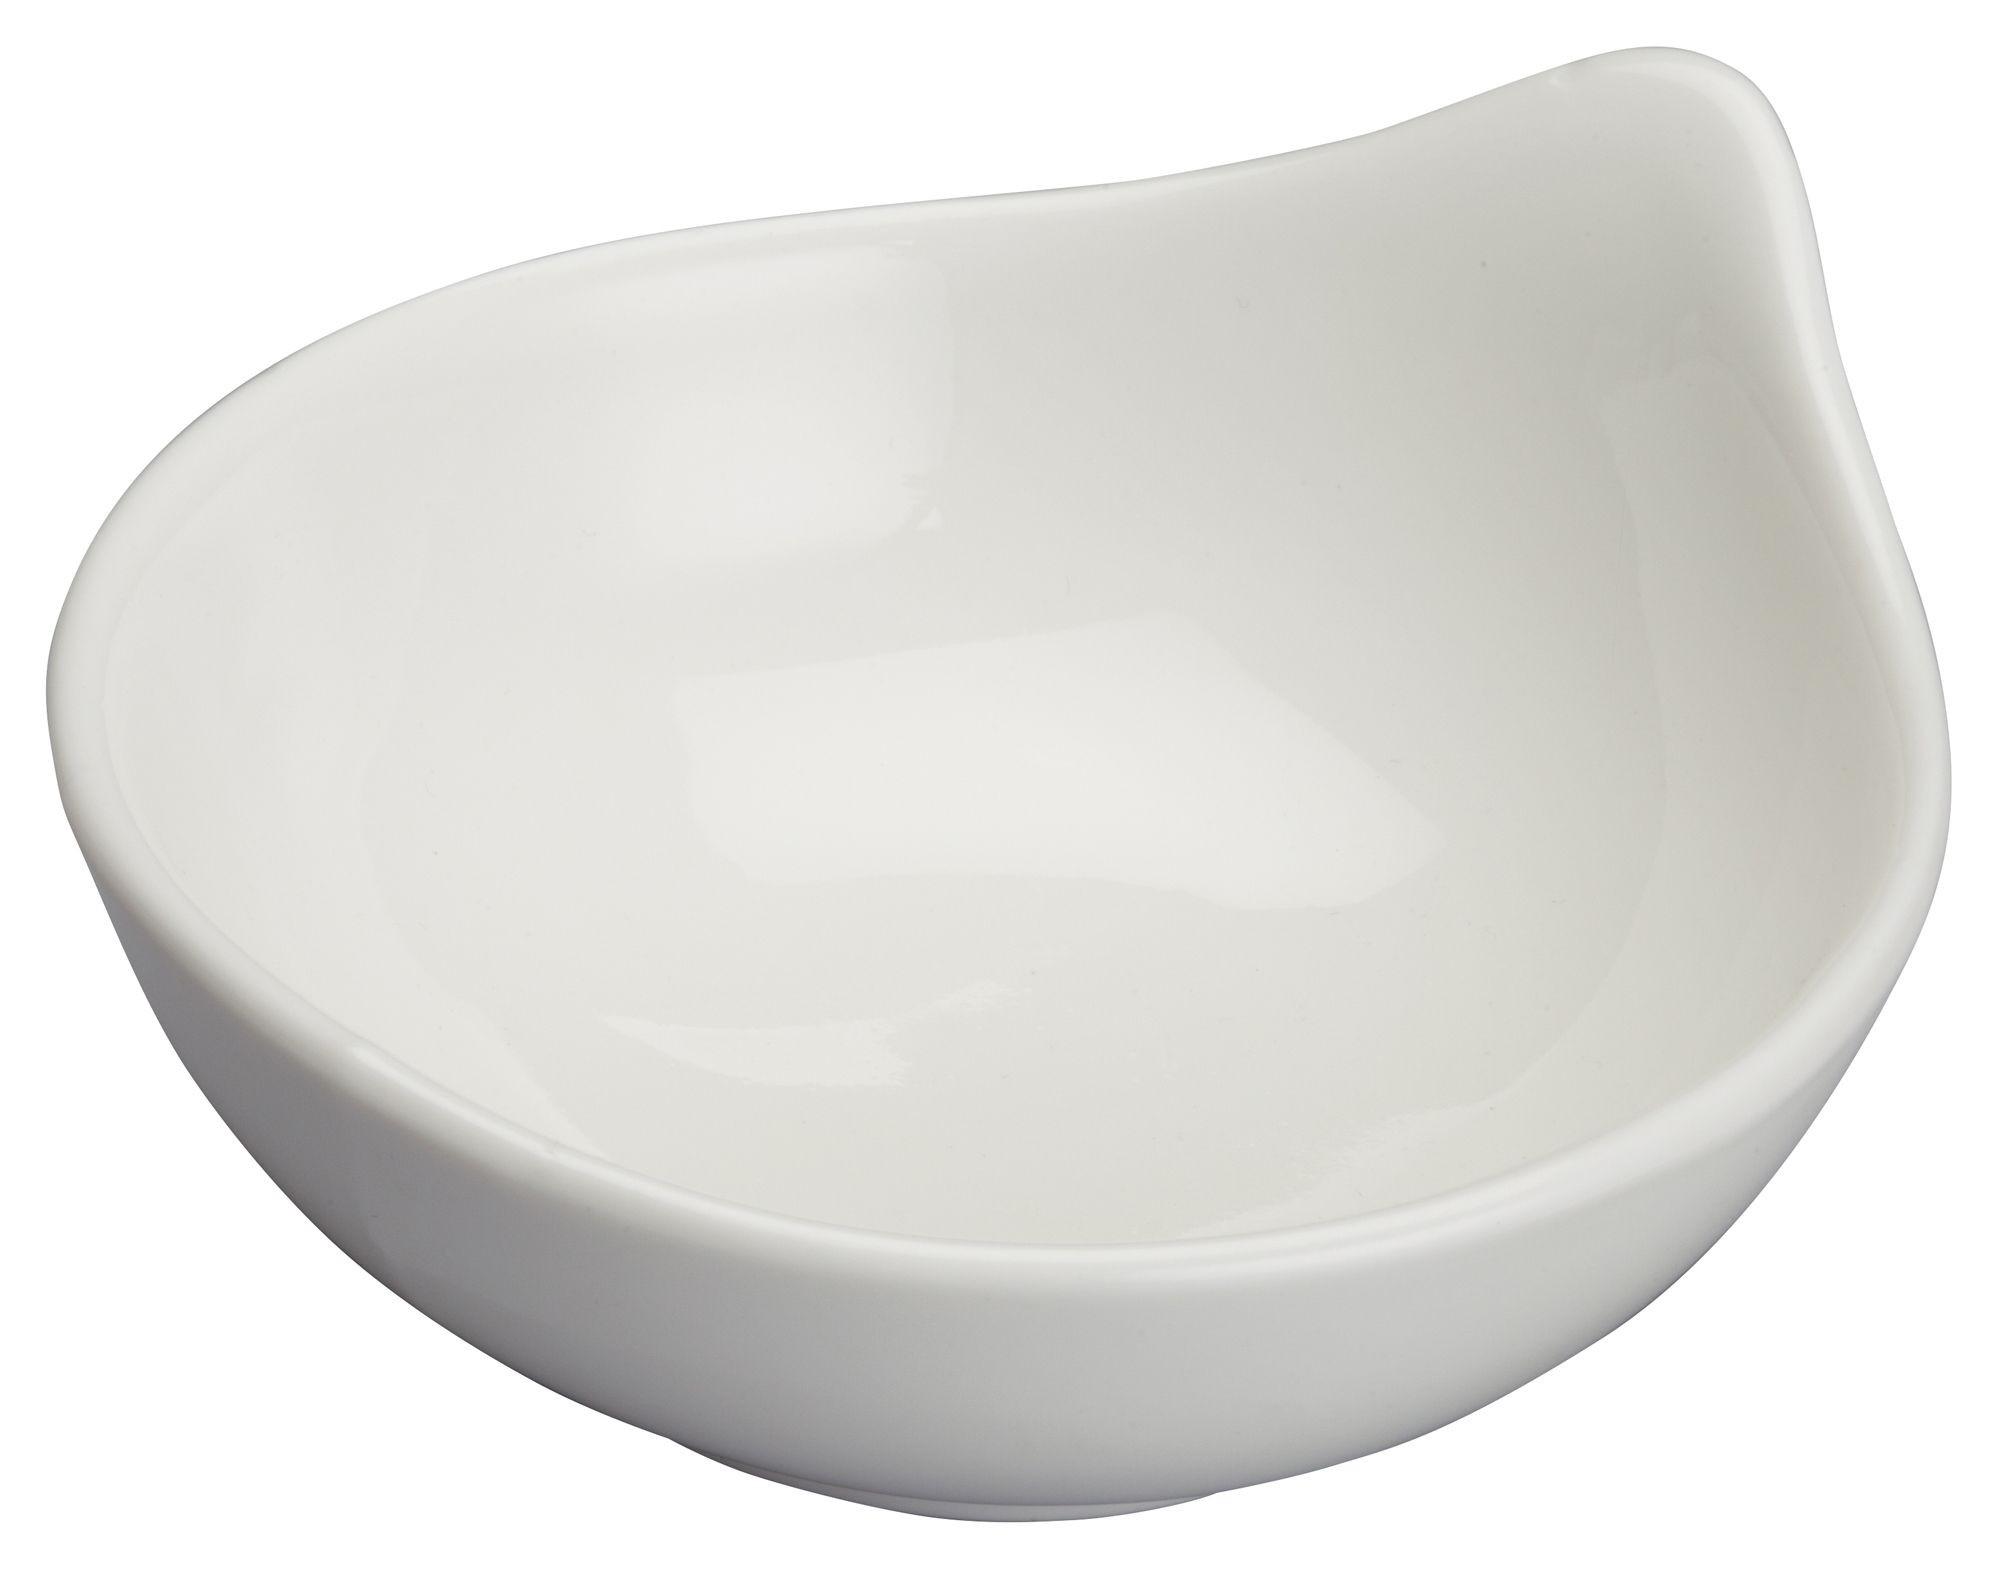 """Winco WDP021-103 Mescalore Porcelain Bright White Dish 3-3/4"""" Dia"""